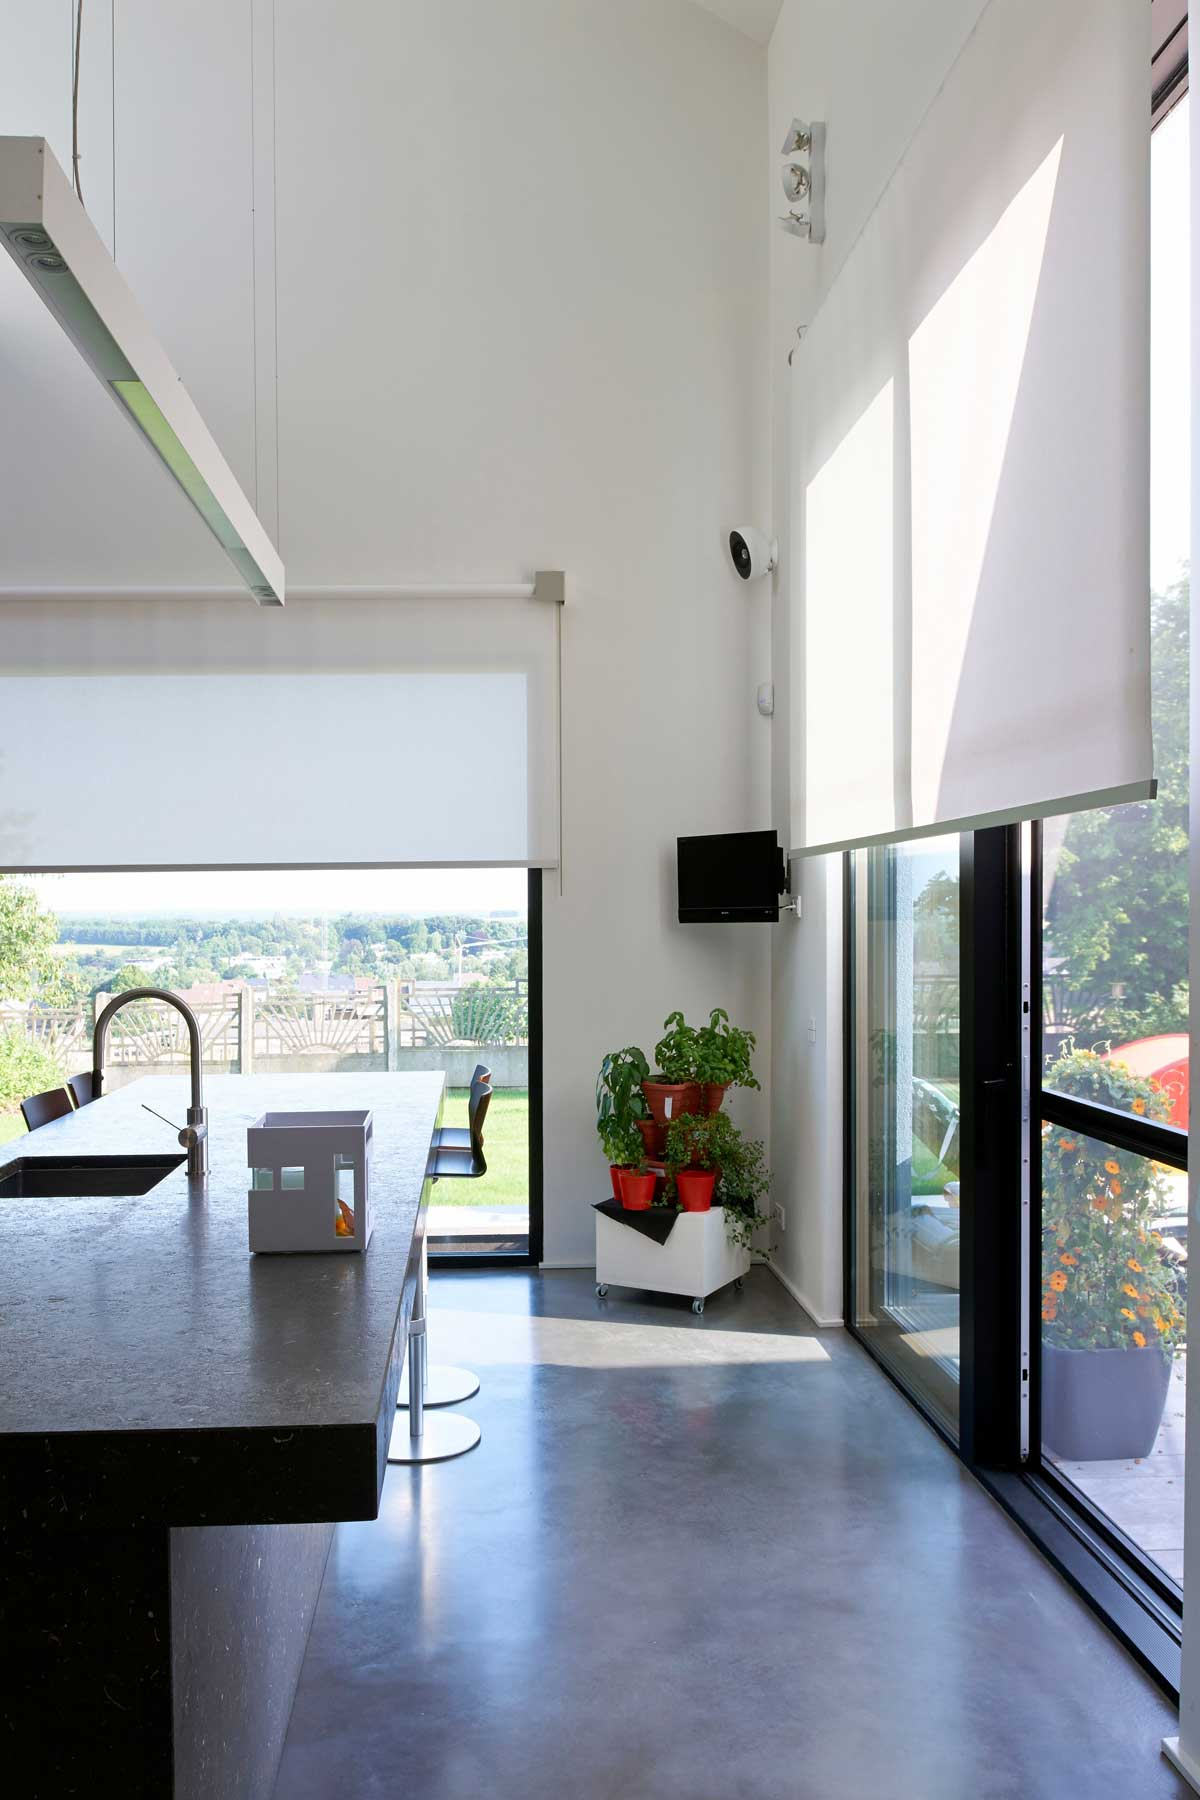 interieurinrichting I rolgordijnen I raamdecoratie